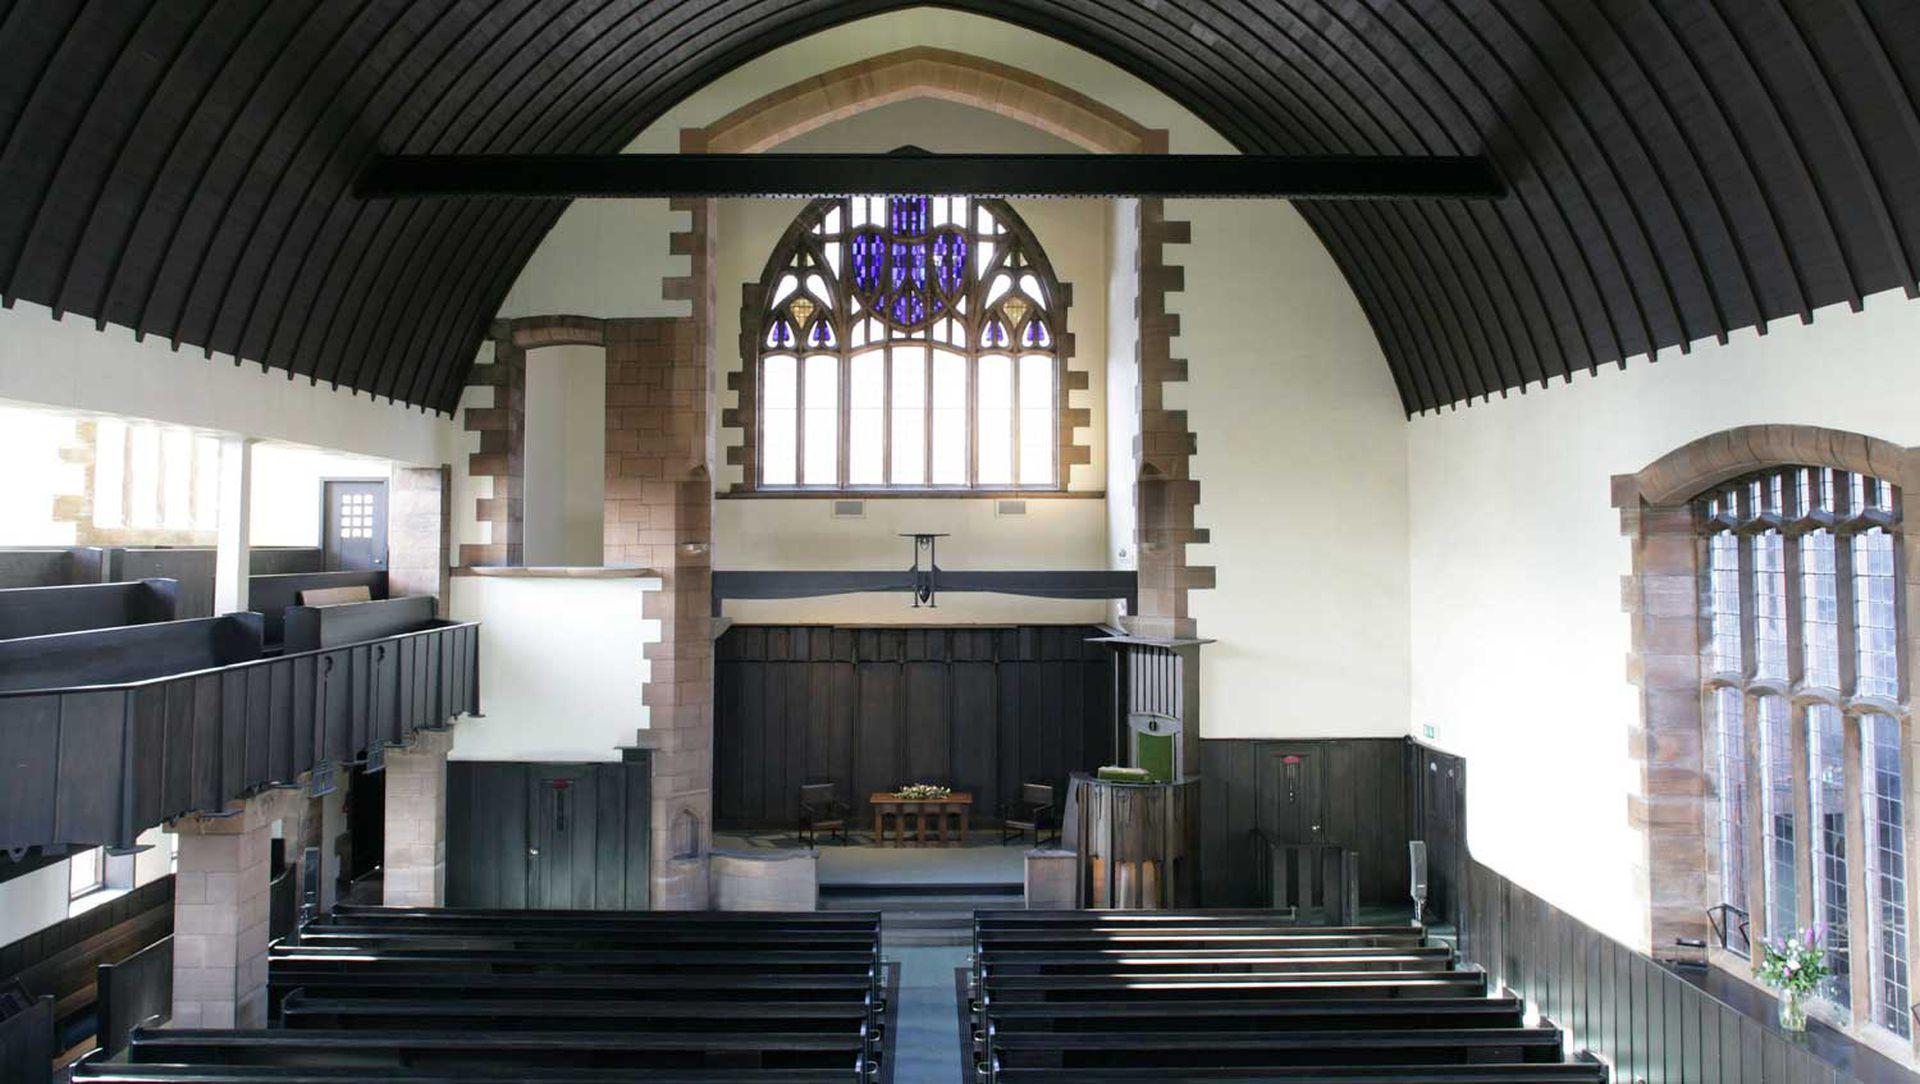 Interior de Queen Cross Church con el bellísimo vitral detrás del altar.